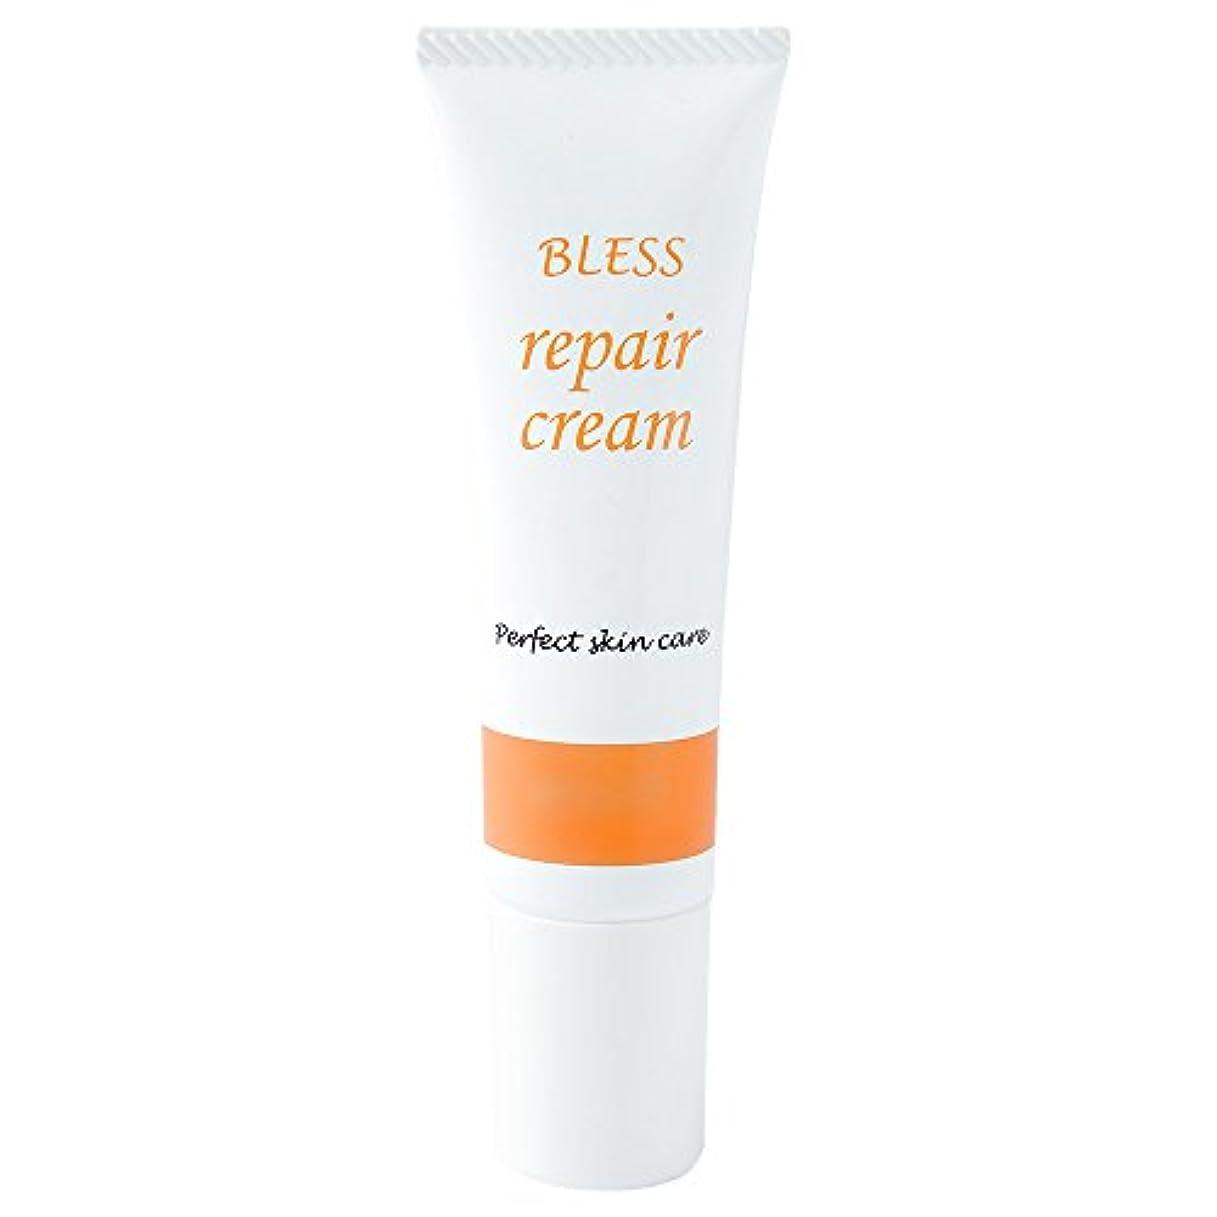 感情のひまわり慣習【BLESS】 しわ 対策用 エイジング リペアクリーム 30g 無添加 抗シワ評価試験済み製品 日本製 美容液